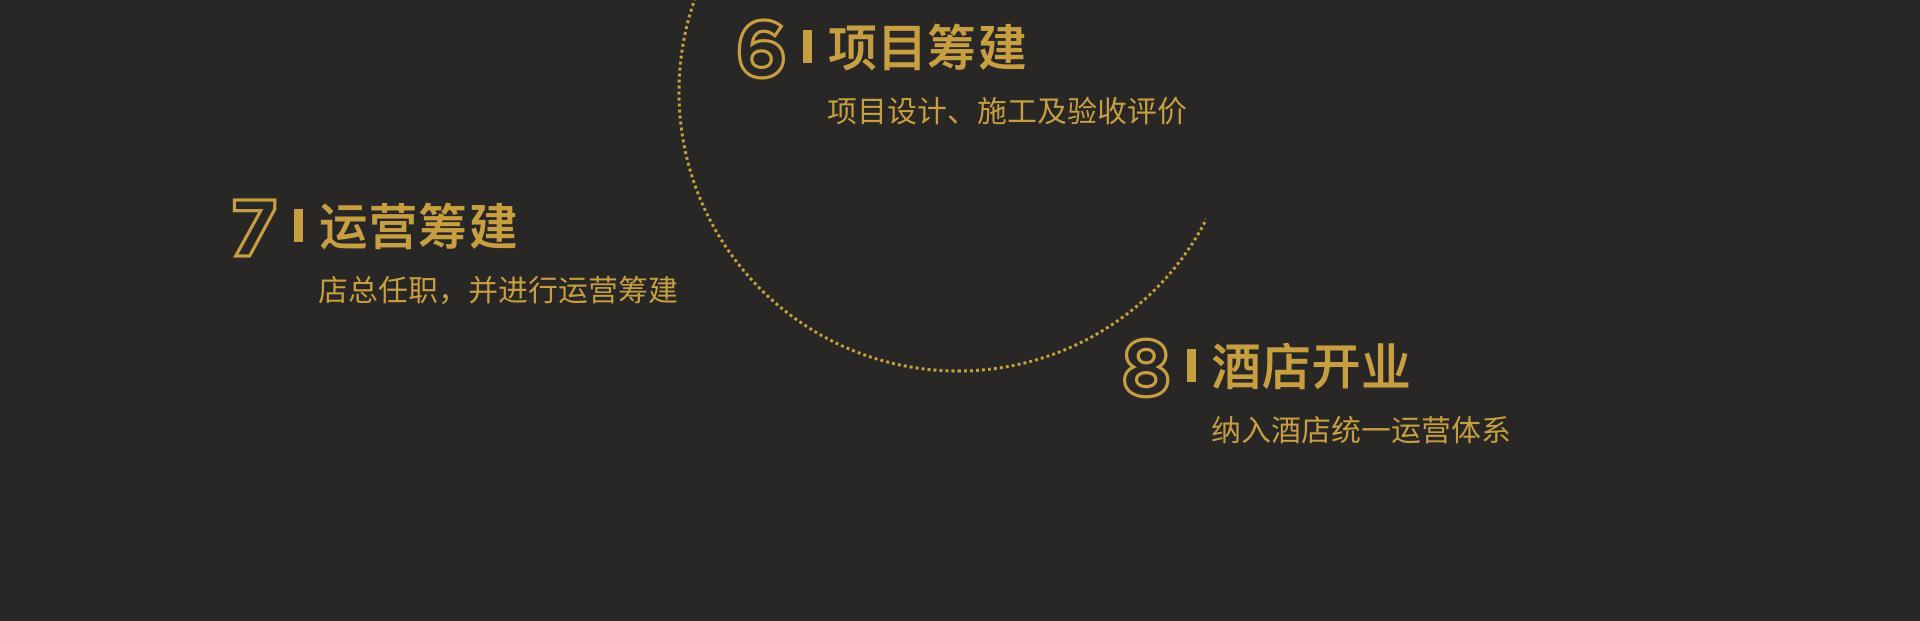 天鹅恋酒店PC_13